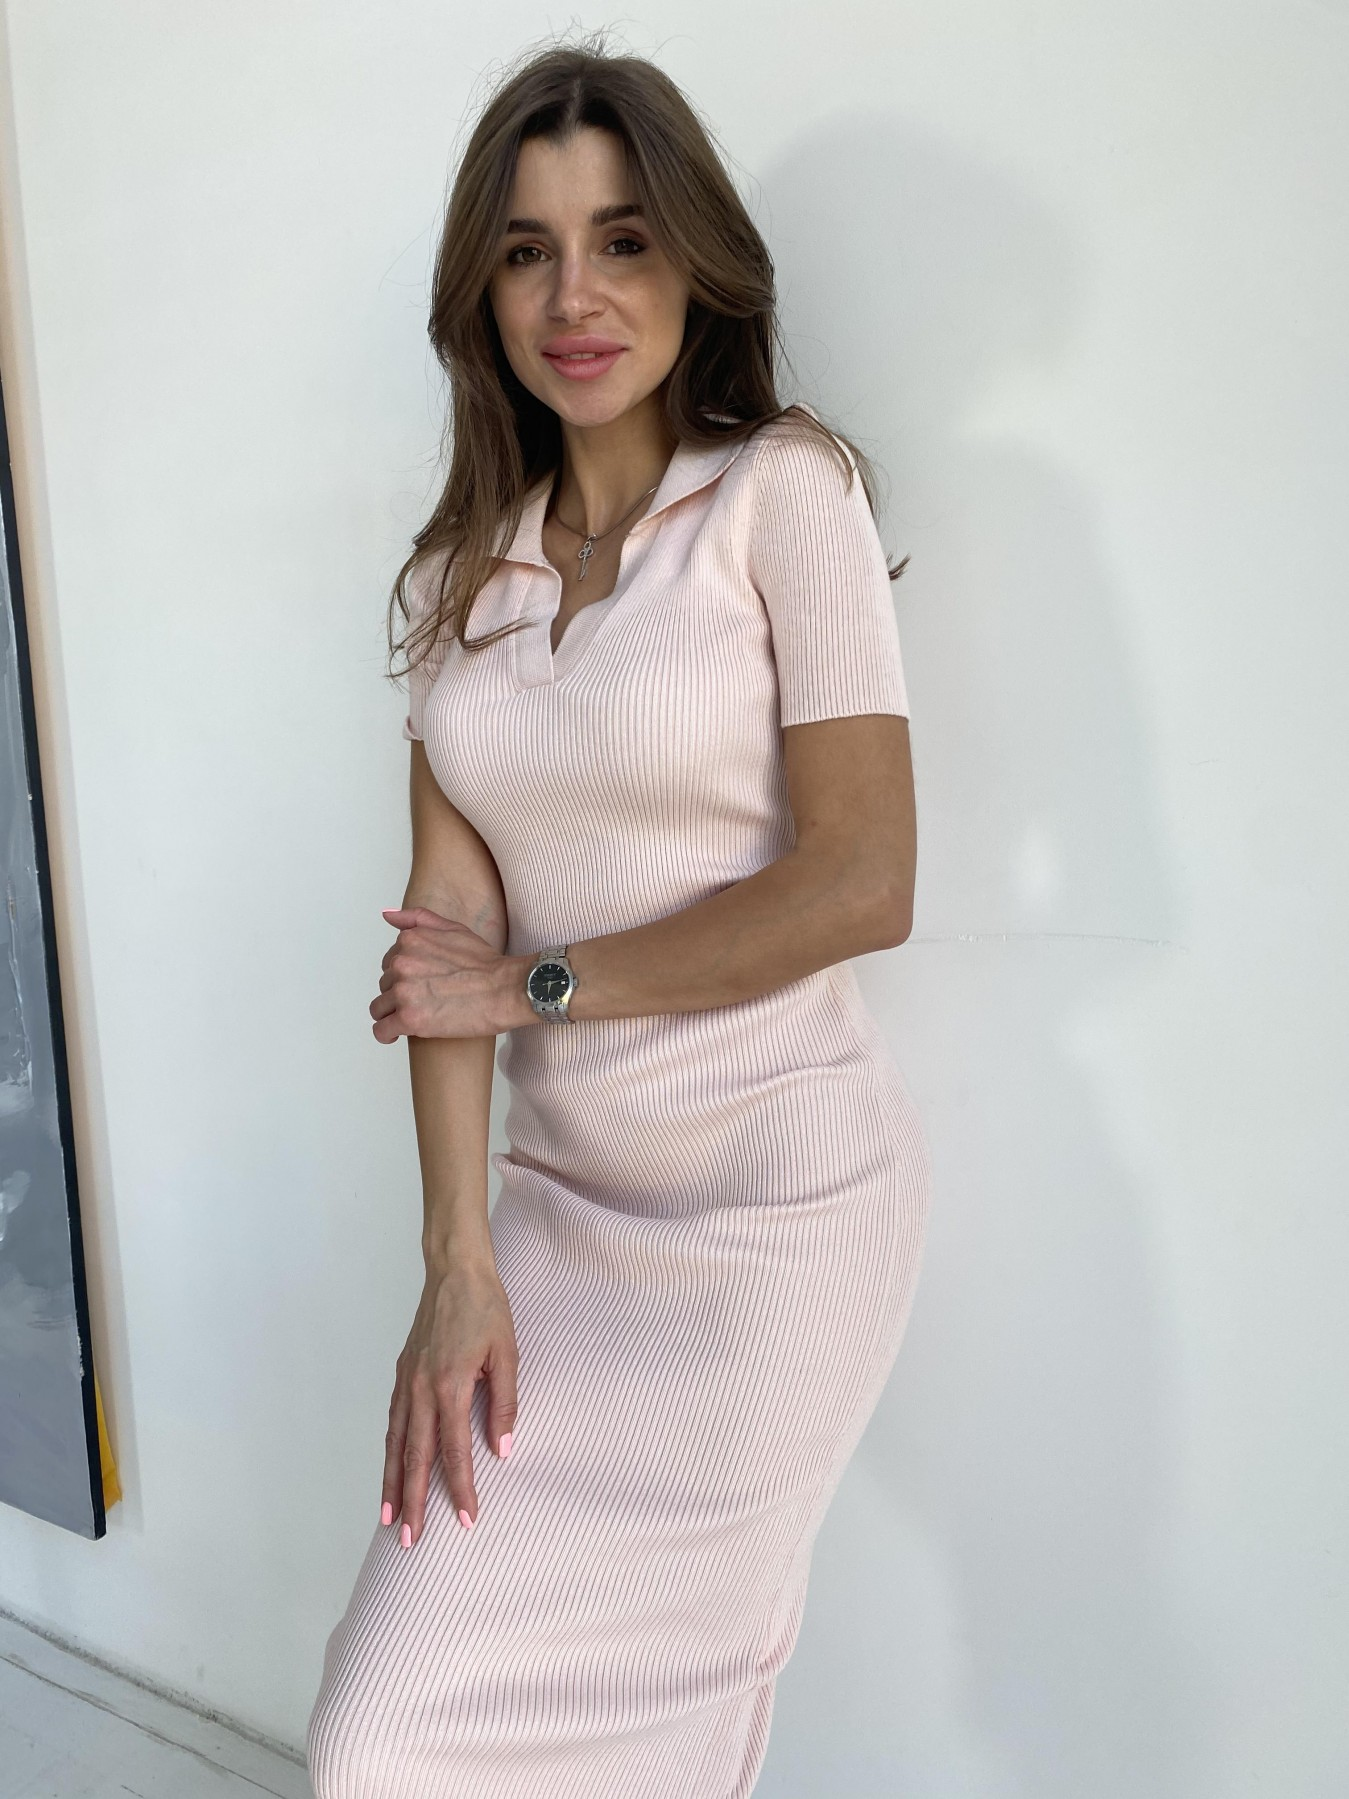 Платье воротник 91688 АРТ. 48068 Цвет: Пудра - фото 8, интернет магазин tm-modus.ru